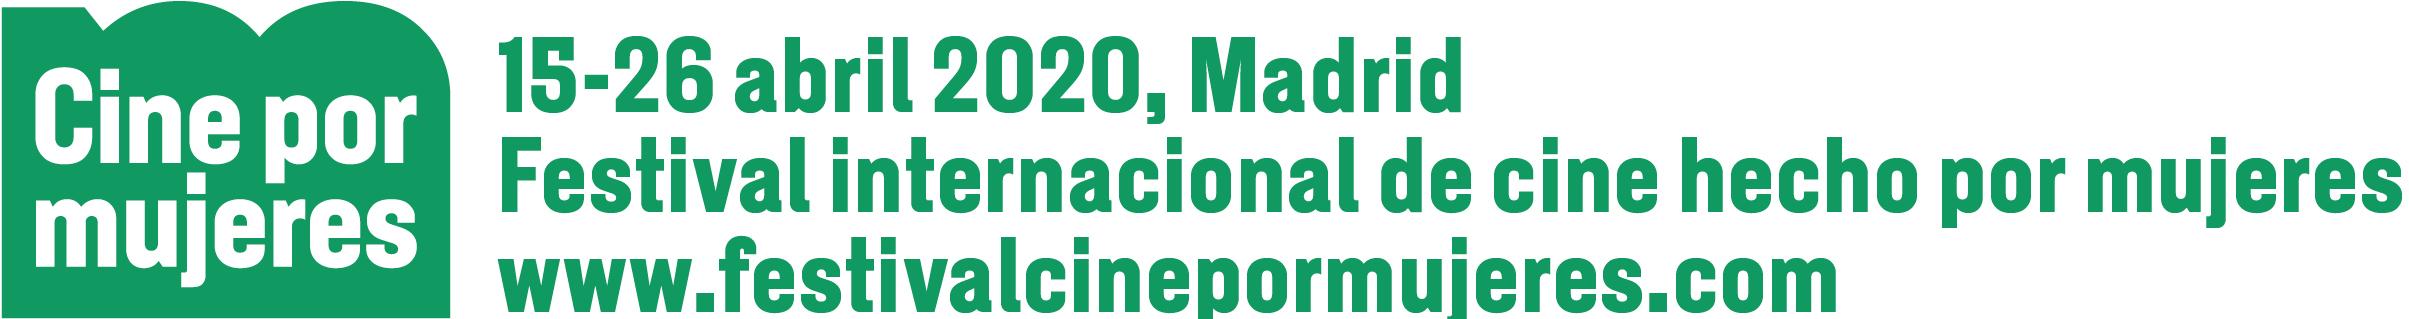 La tercera edición del Festival Cine por Mujeres se celebrará del 15 al 26 de abril de 2020